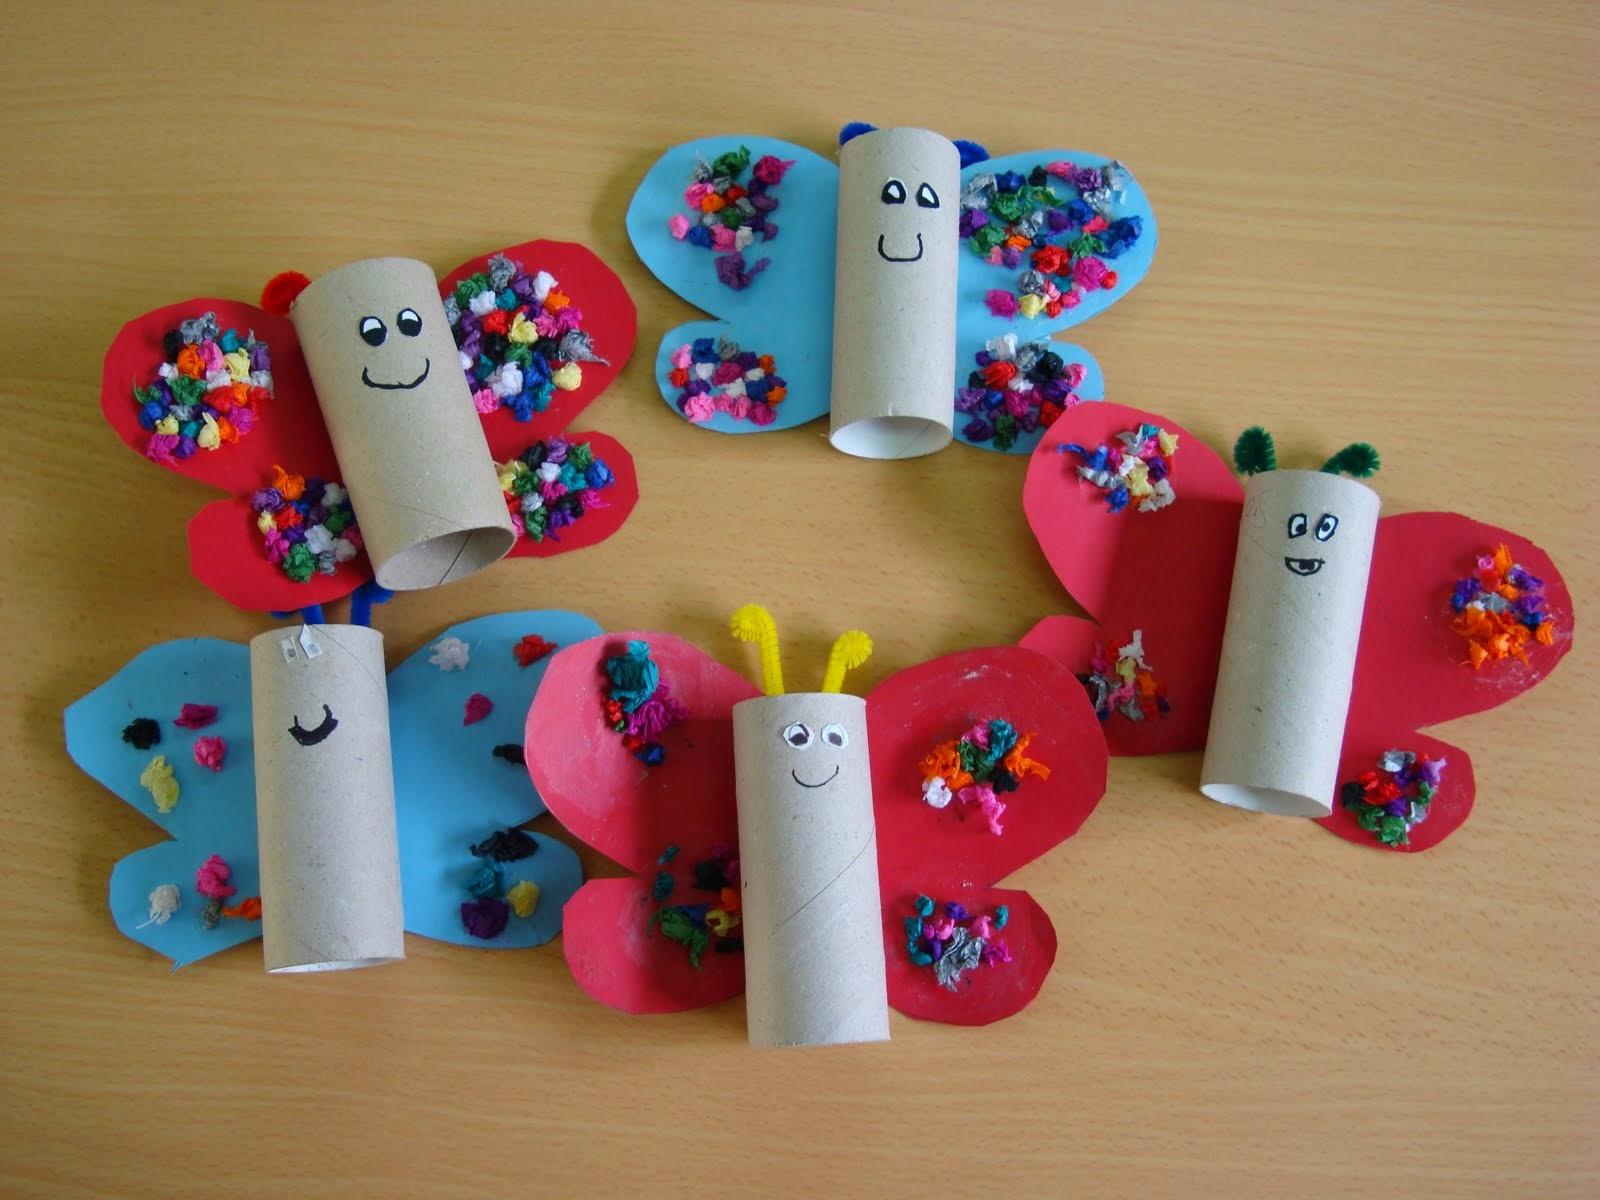 Manualidades con rollos de papel higi nico 12 imagenes - Rollos de papel higienico decorados ...